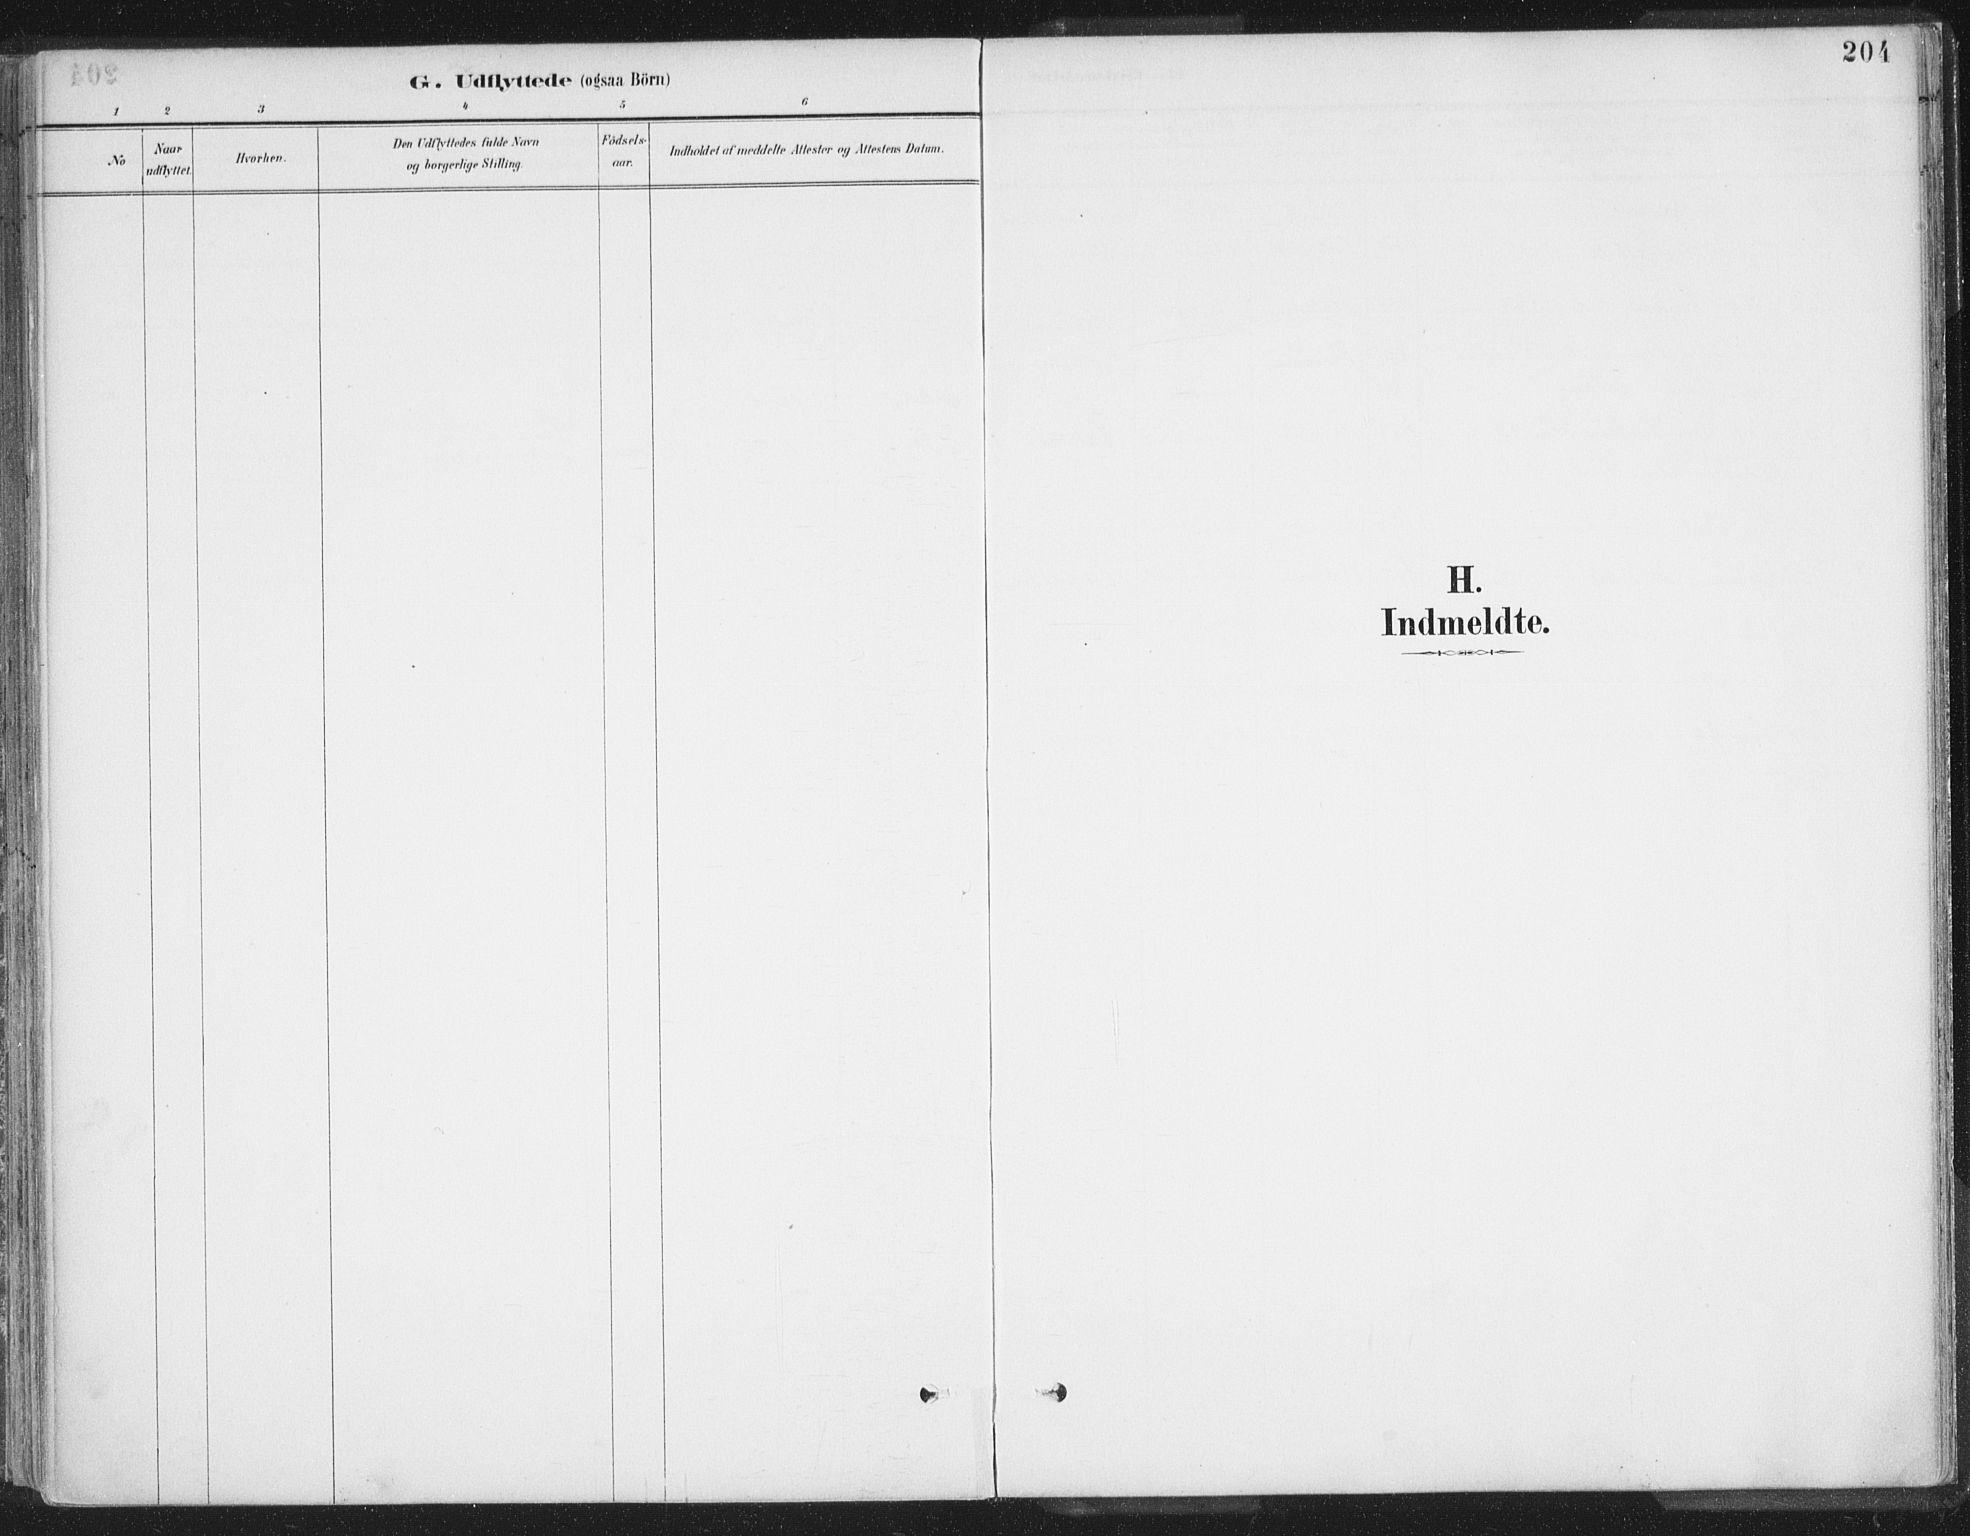 SATØ, Balsfjord sokneprestembete, G/Ga/L0007kirke: Ministerialbok nr. 7, 1887-1909, s. 204